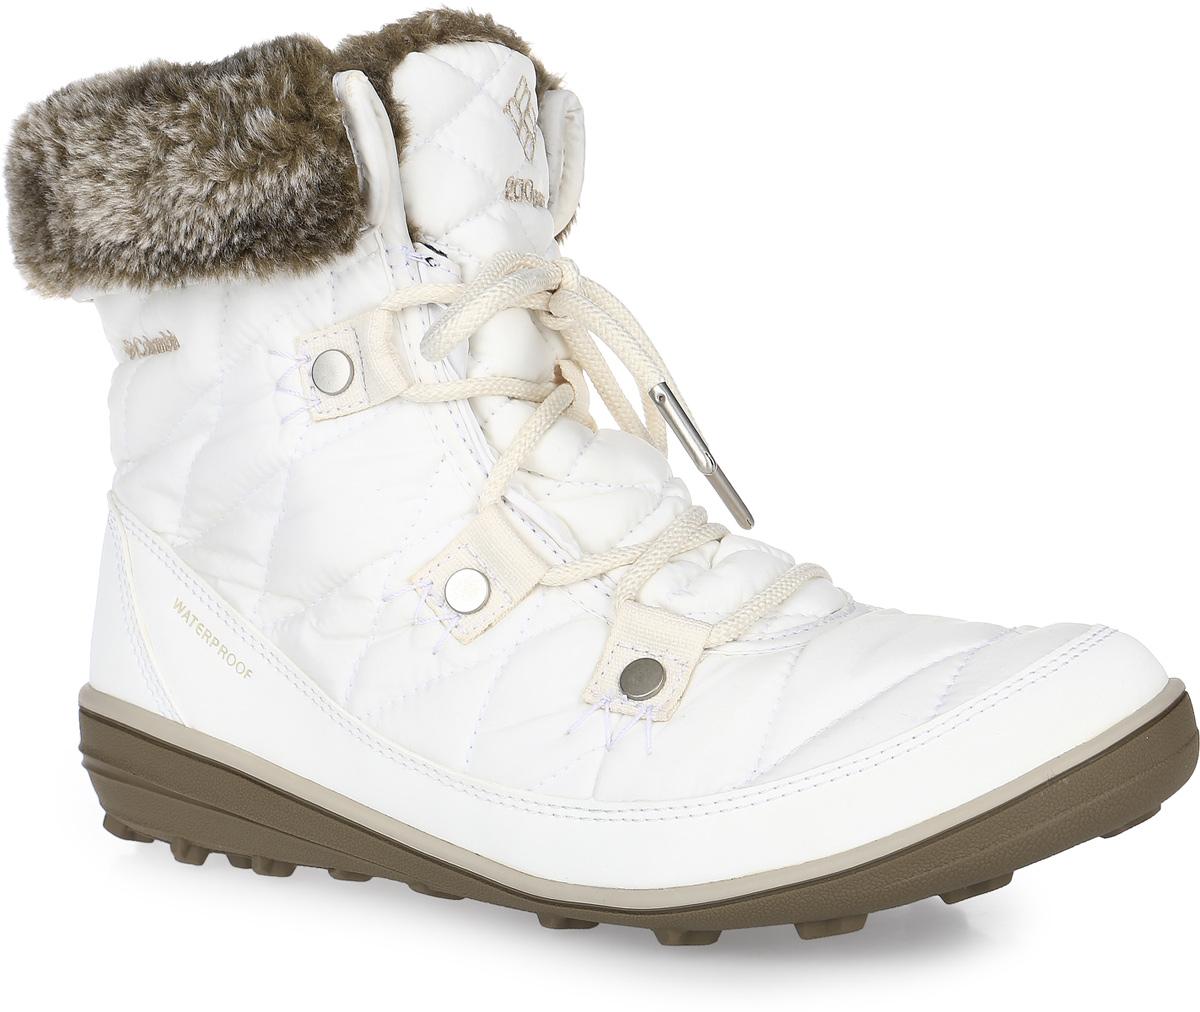 Ботинки женские Columbia Heavenly Shorty Omni-Heat, цвет: белый. 1691541-125. Размер 6 (36)1691541-125Женские ботинки Heavenly Shorty Omni-Heat от Columbia выполнены из высококачественного комбинированного материала с технологией Omni-Tech, которая защищает обувь от осадков. Подкладка с технологией Omni-Heat сохранит ваши ноги в тепле. Утеплитель Insulated плотностью 200 гр. не позволит ногам замерзнуть. Подкладка в верхней части голенища выполнена из искусственного меха. Шнуровка надежно фиксирует модель на ноге. Подошва выполнена из гибкого, легкого материала обладающего отличной амортизацией. Подметка с технологией Omni-Grip со специальным рисунком протектора обеспечит надежное сцепление на любых зимних поверхностях. Верх ботинок декорирован вышитым логотипом бренда и отделкой из искусственного меха.